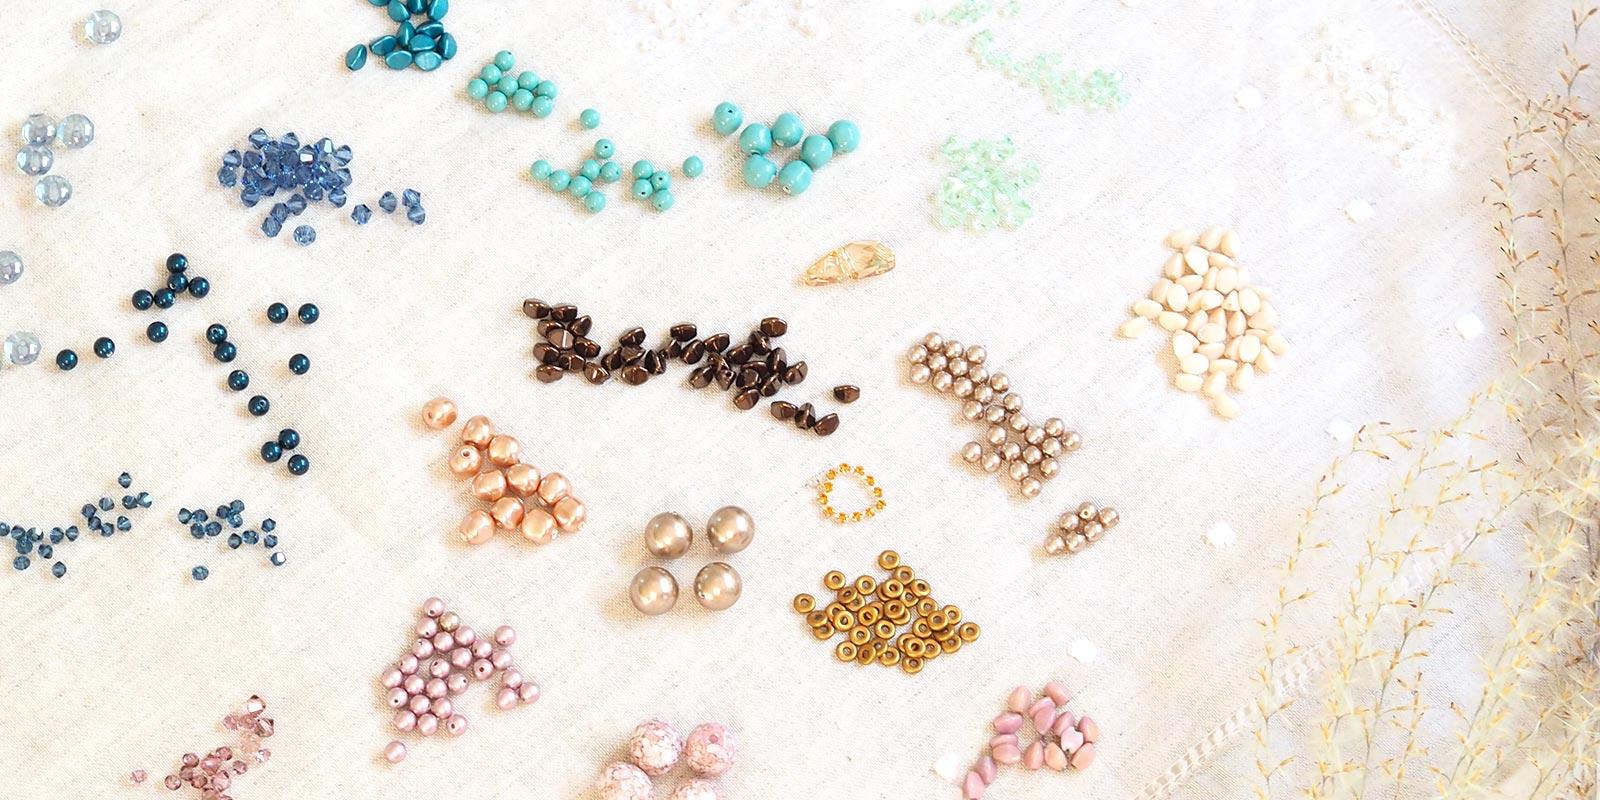 perles cristal de Swarovski inspiration laboutiquedemelimelo